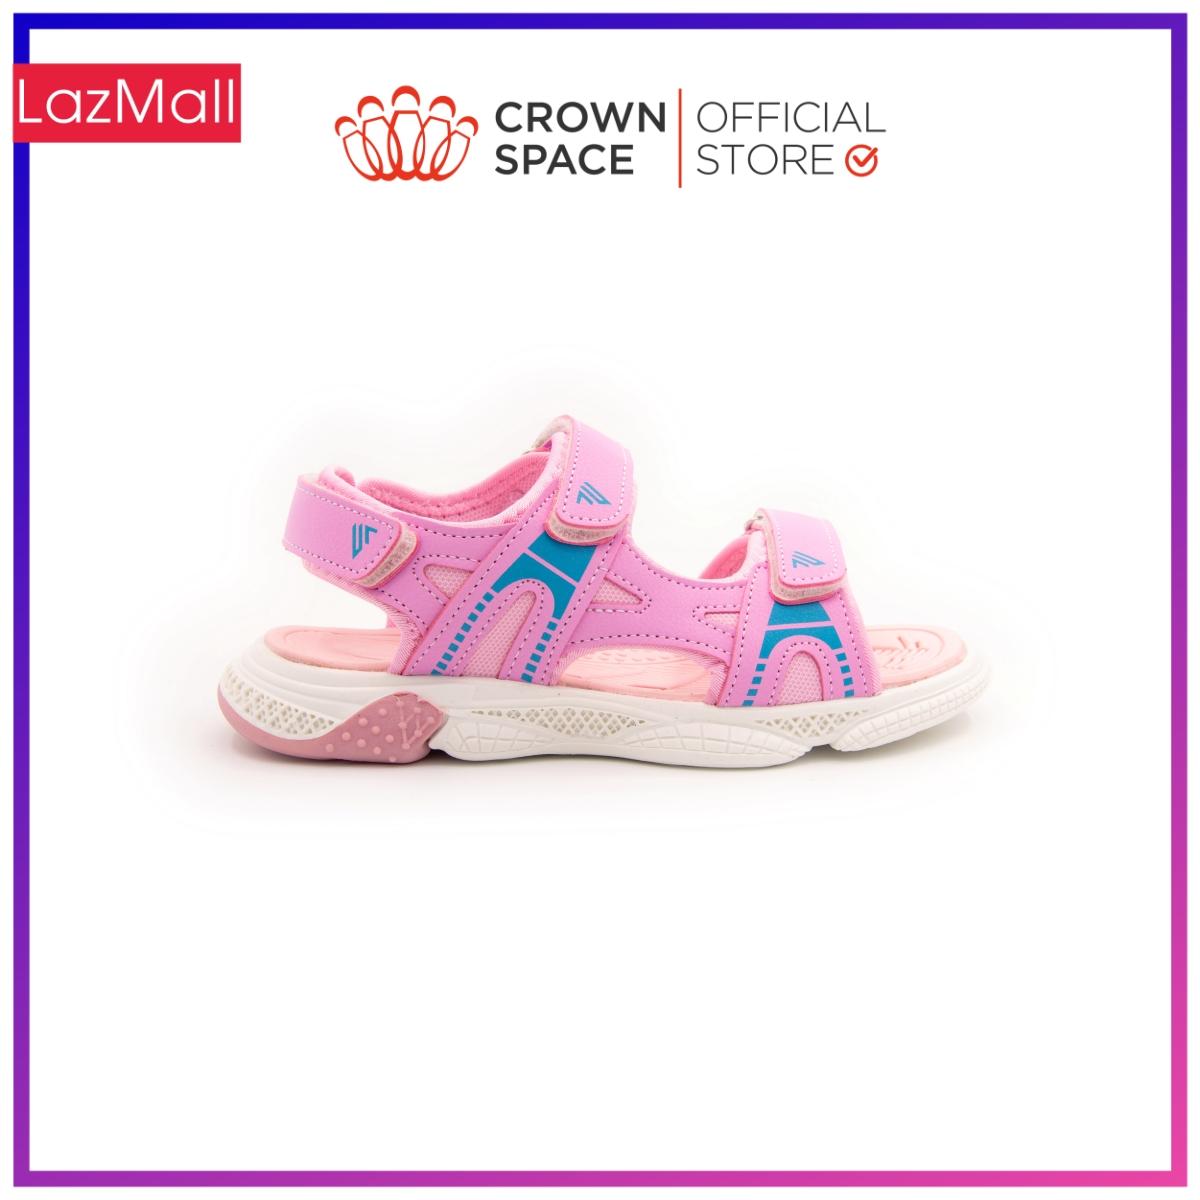 Dép Quai Hậu Màu Hồng Bé Gái Đi Học Chính Hãng Crown Space UK Sandals Trẻ em Xăng Đan Cho...